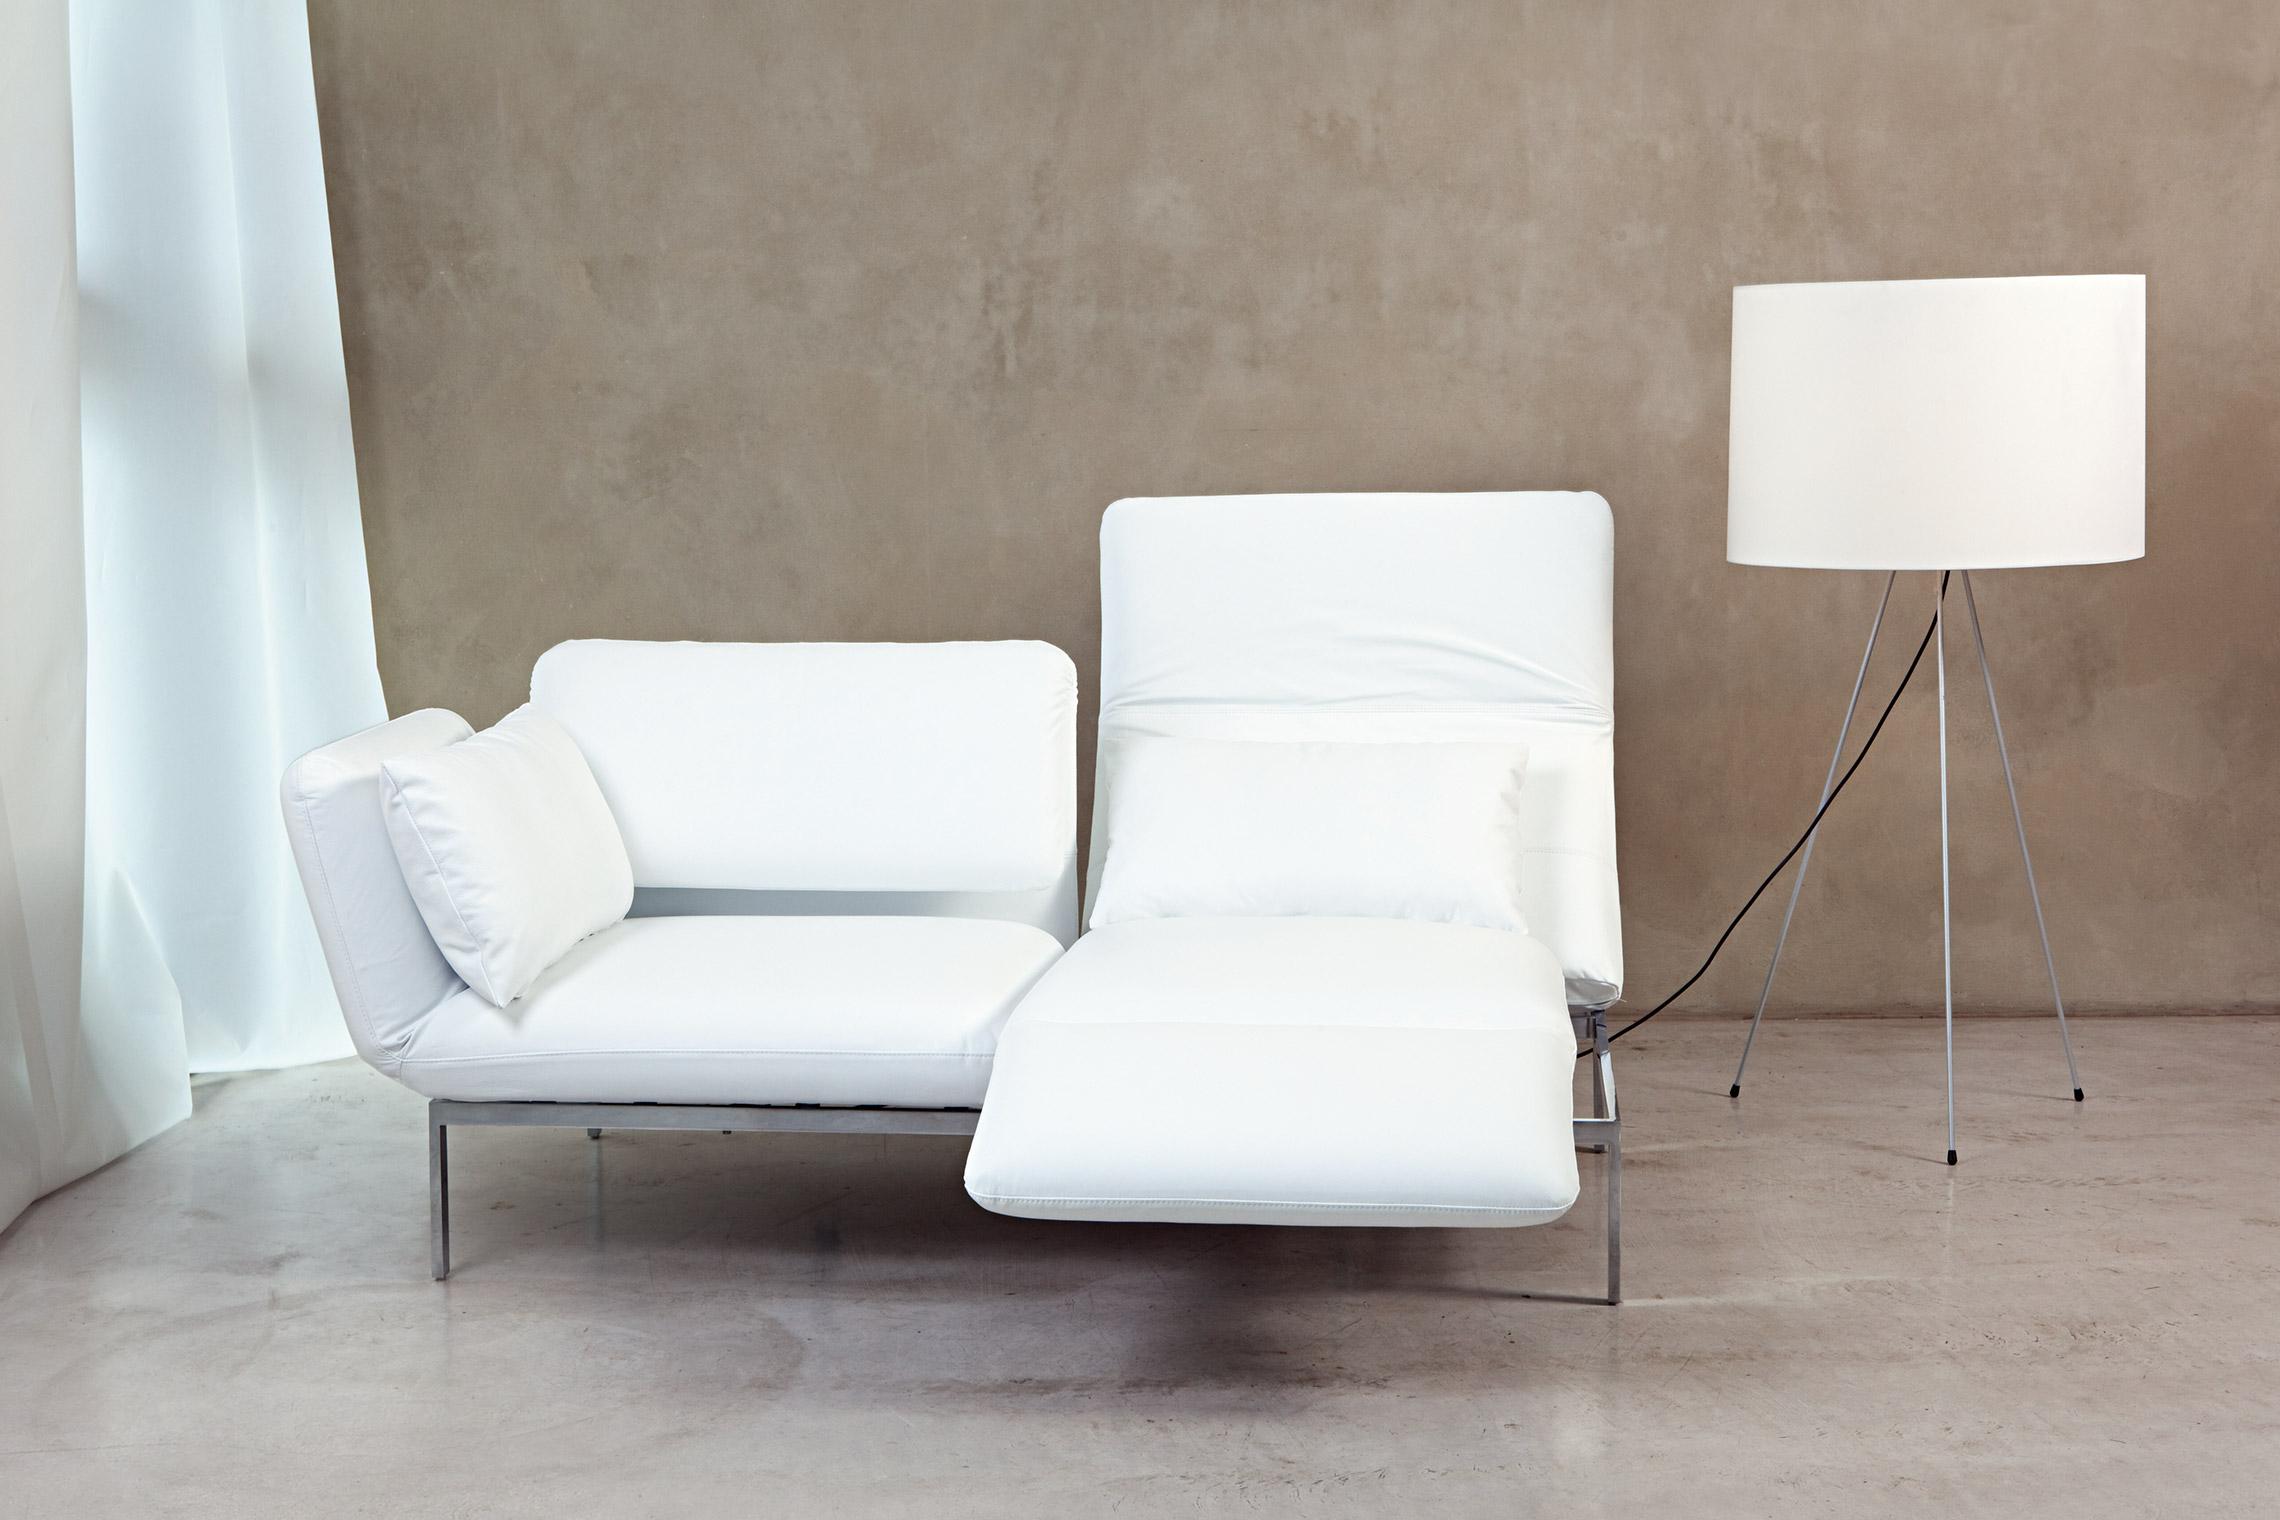 sofa roro medium roro small wohnwiese jette schlund team 7. Black Bedroom Furniture Sets. Home Design Ideas